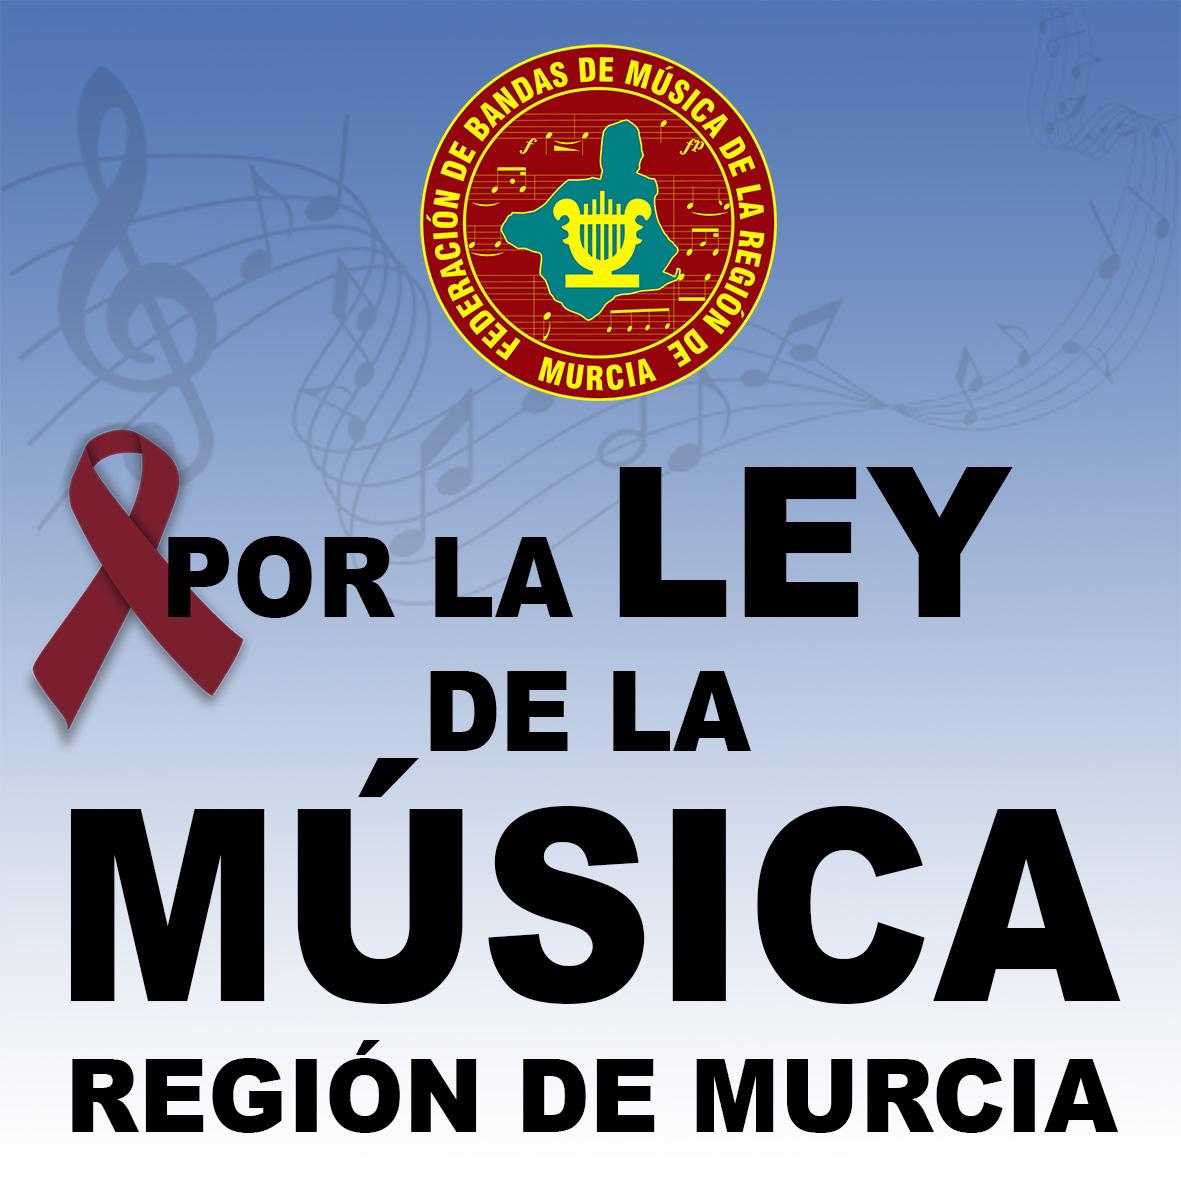 La FBMRM reivindica una Ley de la Música en la Región de Murcia que respalde a sus sociedades musicales